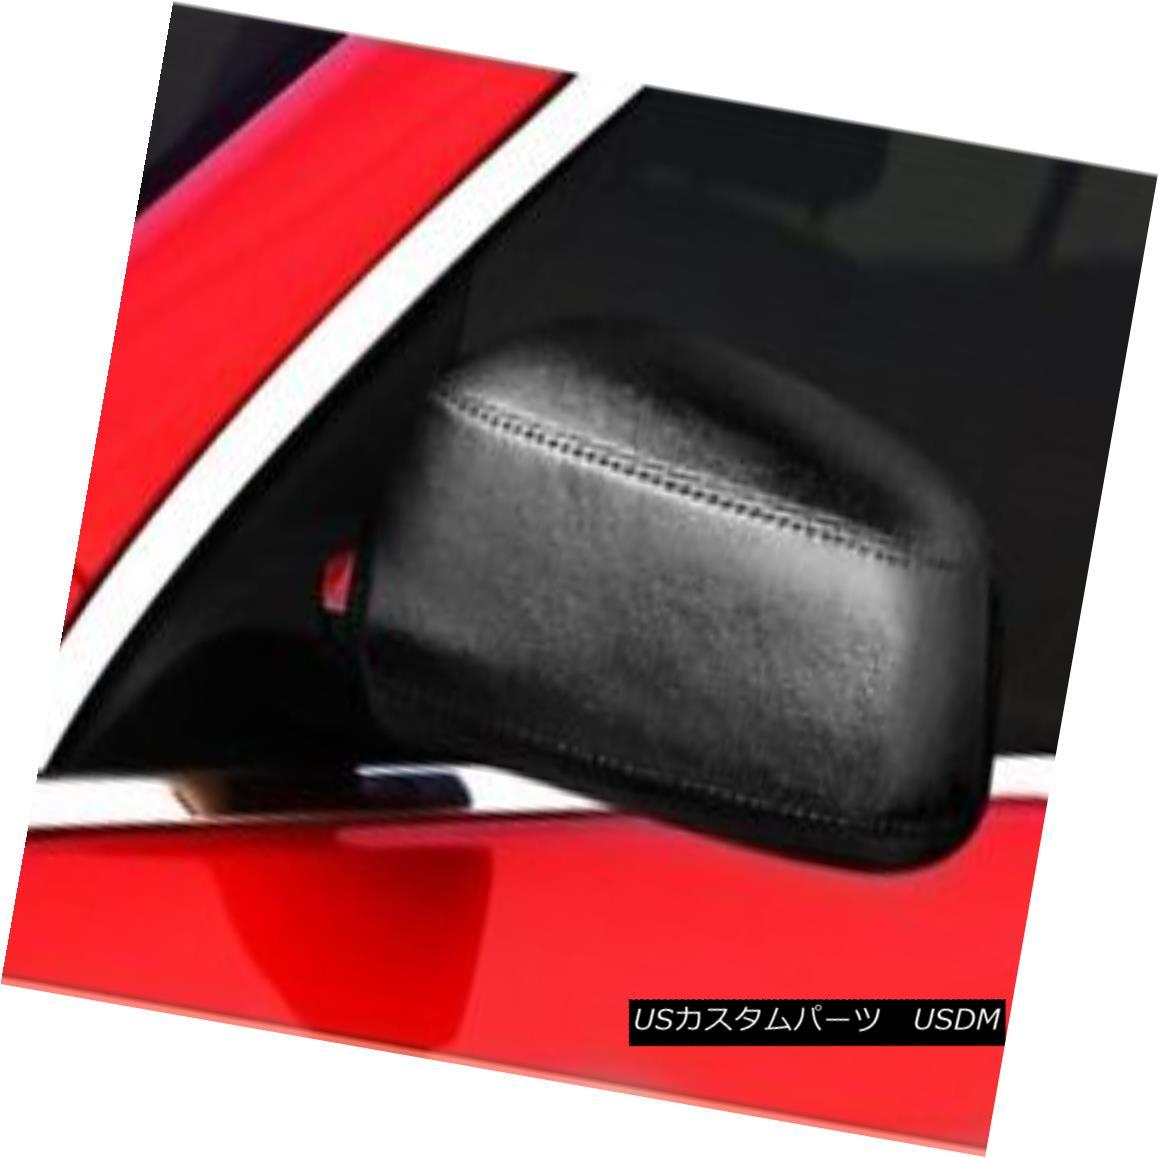 フルブラ ノーズブラ Colgan Car Mirror Covers Bra Protector Black Fits Acura Integra,GS, LS, RS 98-00 Colgan Car Mirrors Covers Bra Acors Acuraインテグラ、GS、LS、RS 98-00